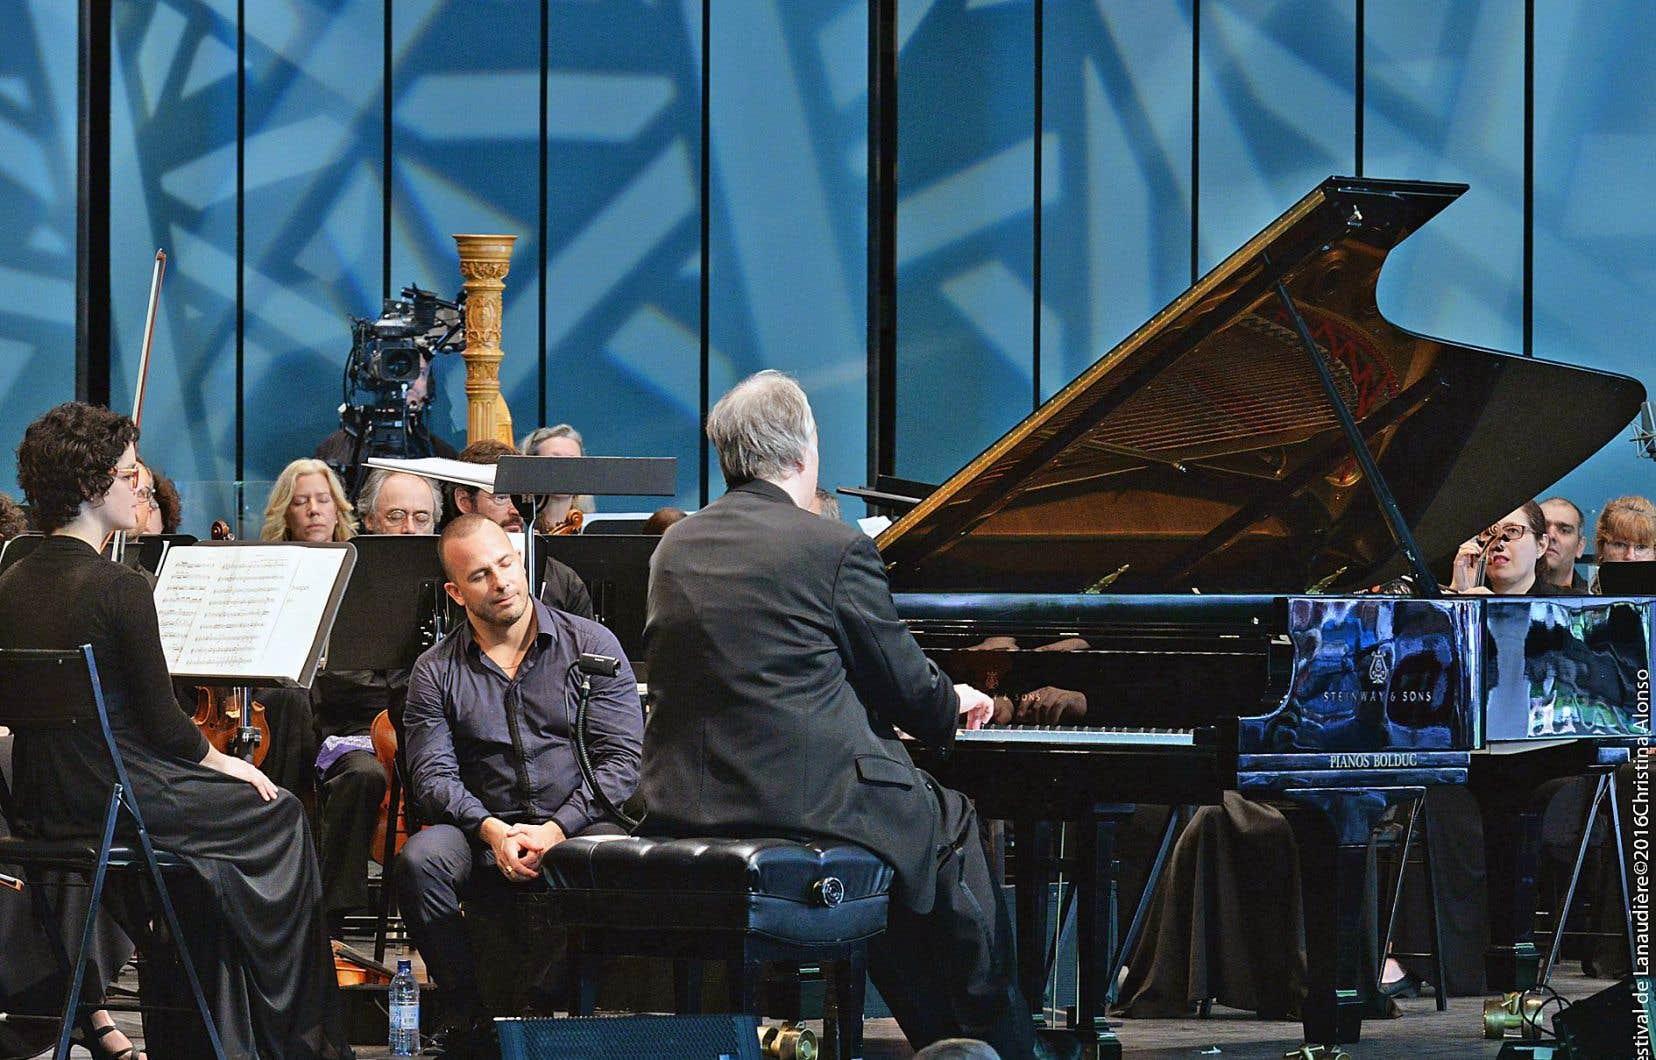 Le chef Yannick Nézet-Séguin, assis sur son podium, écoute les yeux fermés la lévitation musicale du pianiste américain Nicholas Angelich dans son rappel: le Prélude opus 32 n° 5 de Rachmaninov.